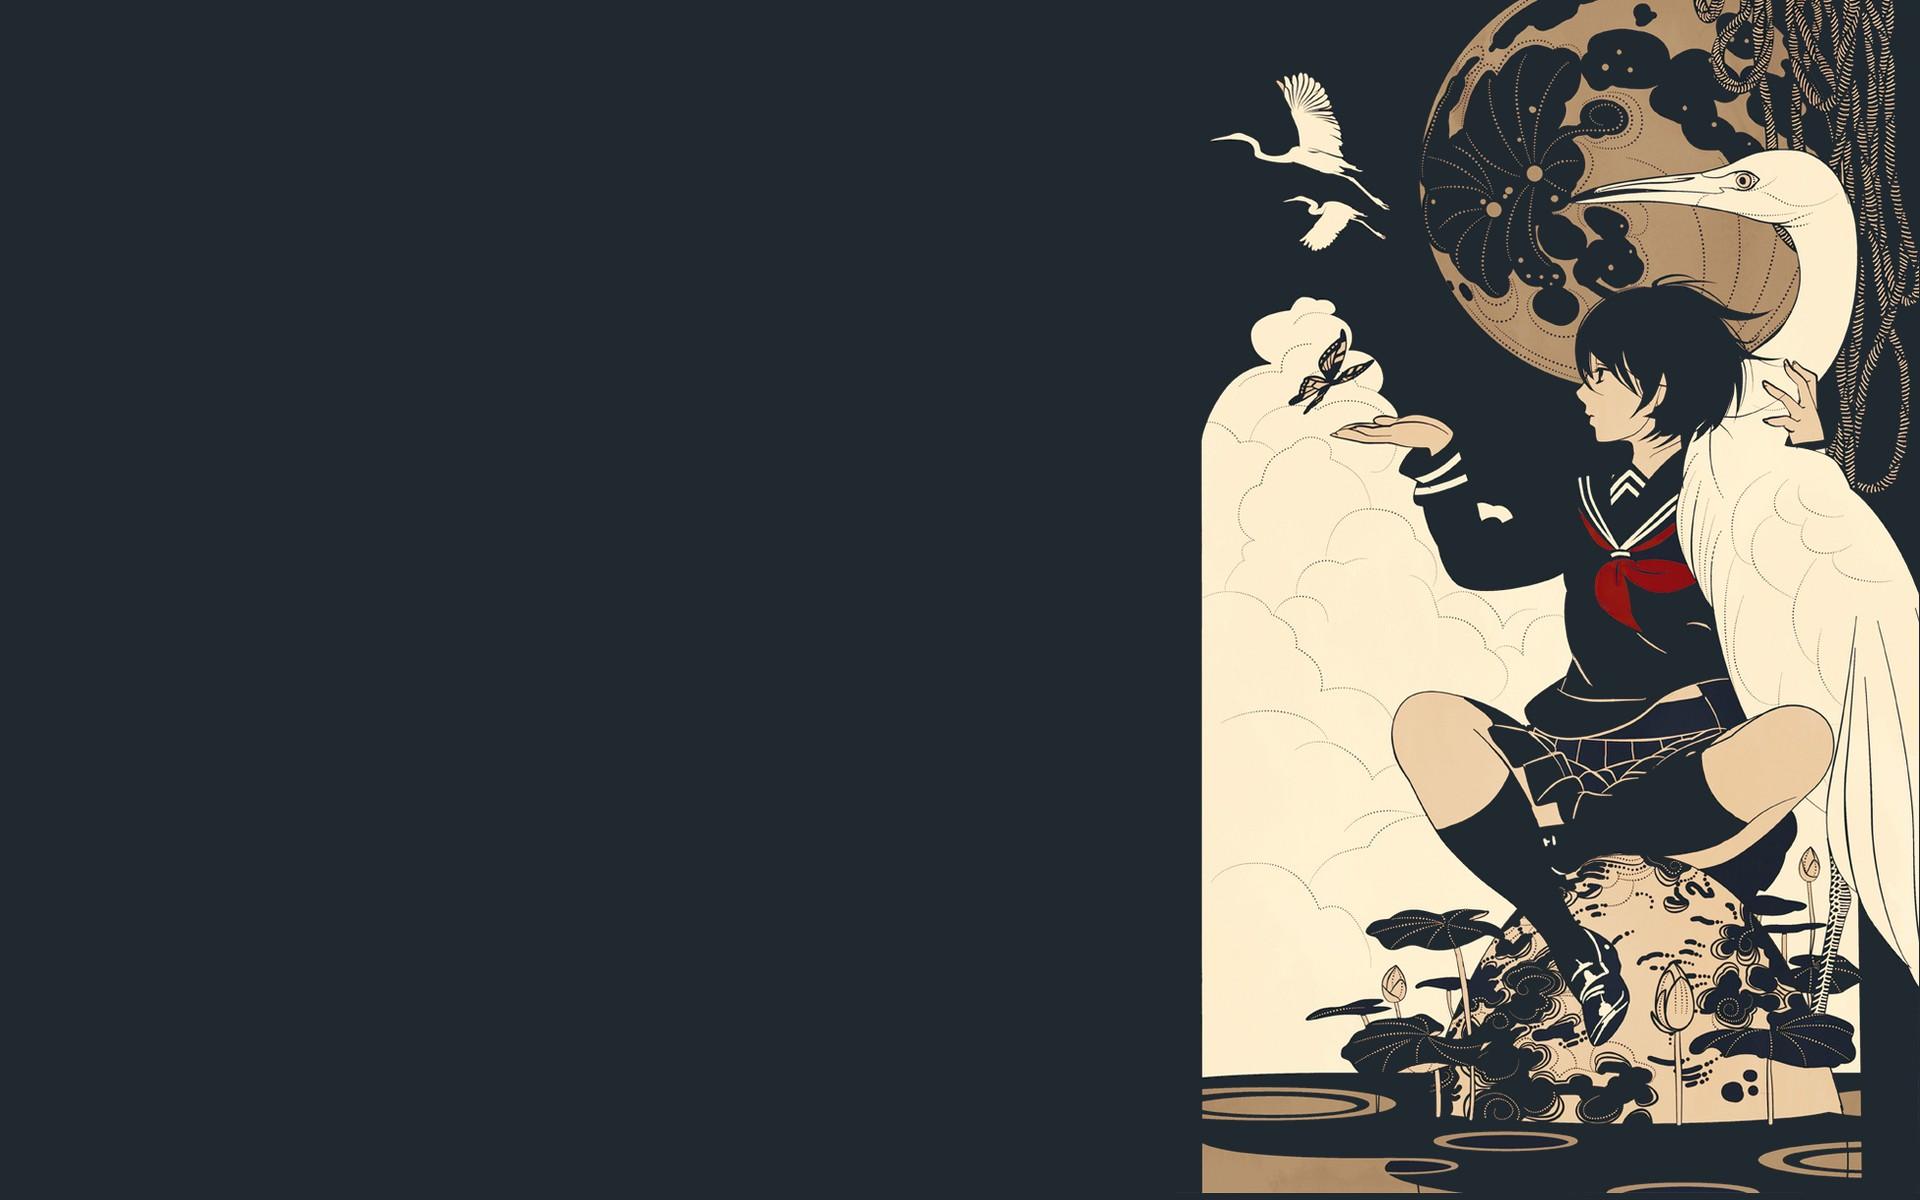 不死鸟分享为王、每日壁纸、每日一图、每日图片、动漫图片、高清壁纸、美女图片、高清大图、手机壁纸、电脑壁纸、桌面壁纸、封面图片、欧美图片、小清新图片、好看的图片、风景图片等由不死鸟分享推荐